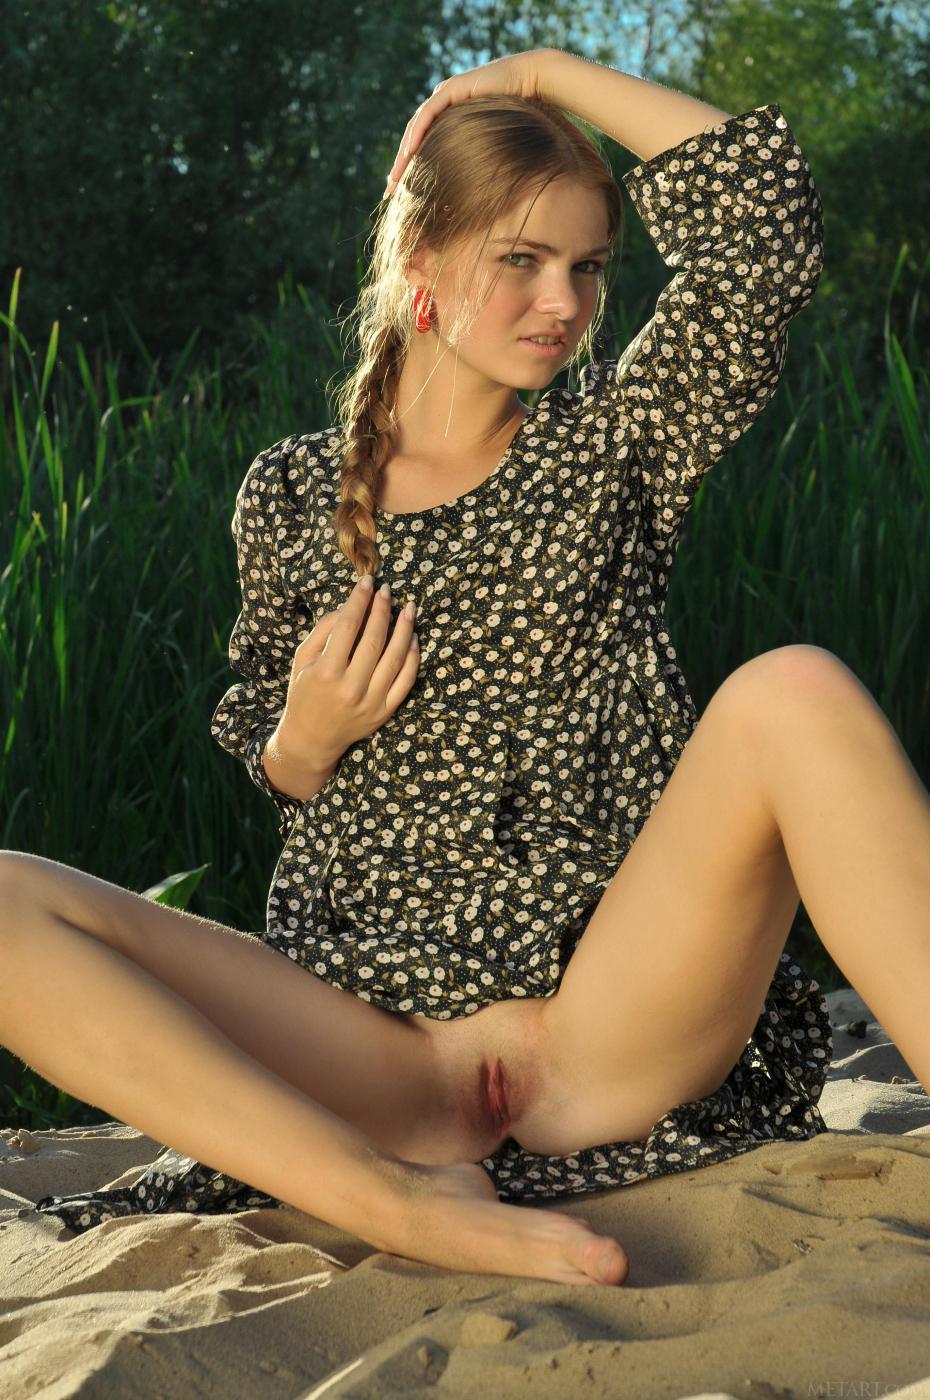 Медленно раздвигая ноги, Bridgit A без трусиков, показывает свою бритую киску на улице